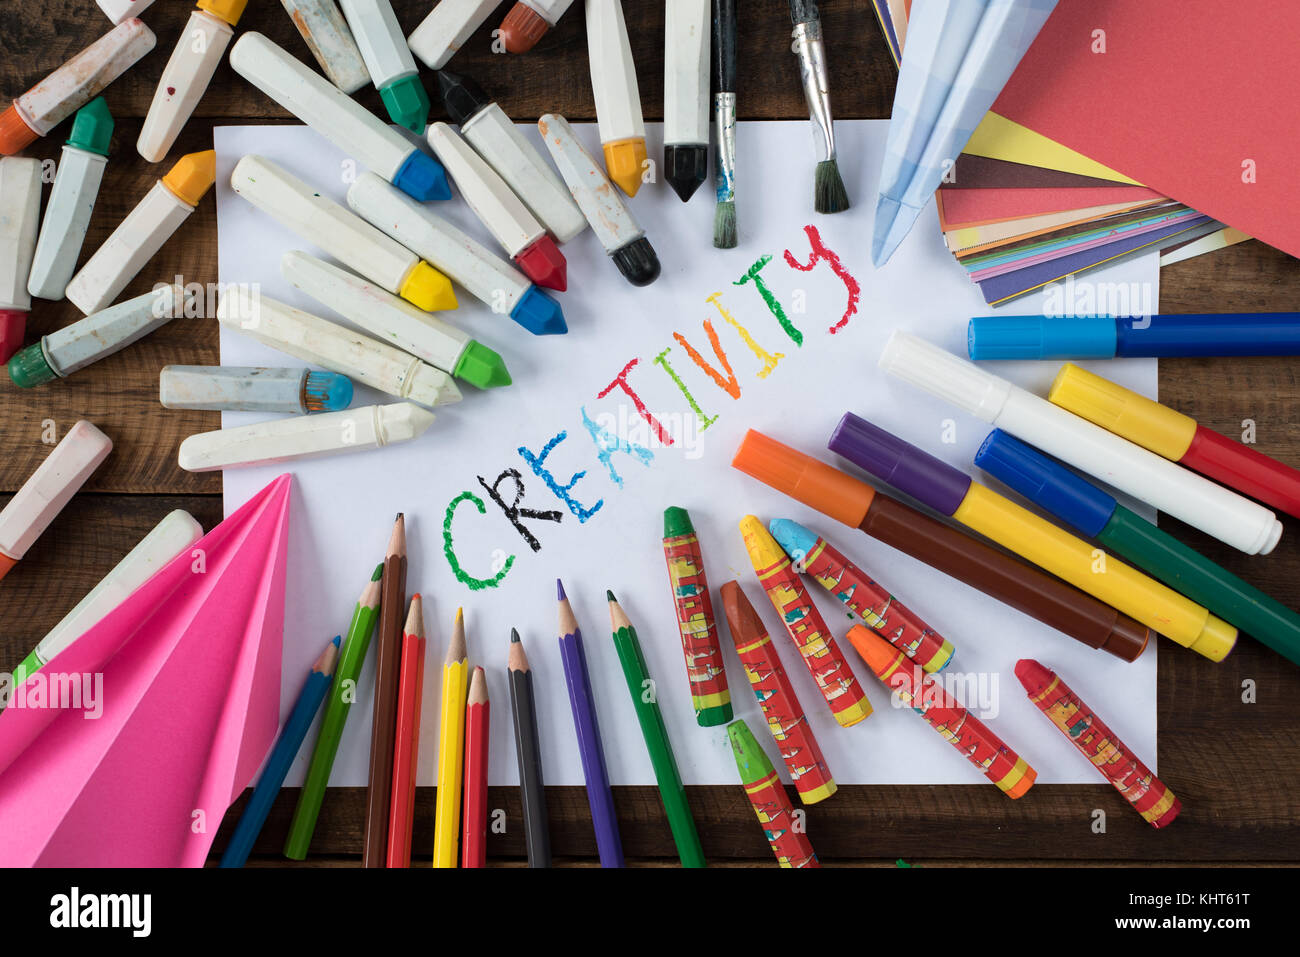 Kreativität Konzept - bunte Papier, Kreide, bunten Papier und Bleistift mit Word Kreativität Stockbild